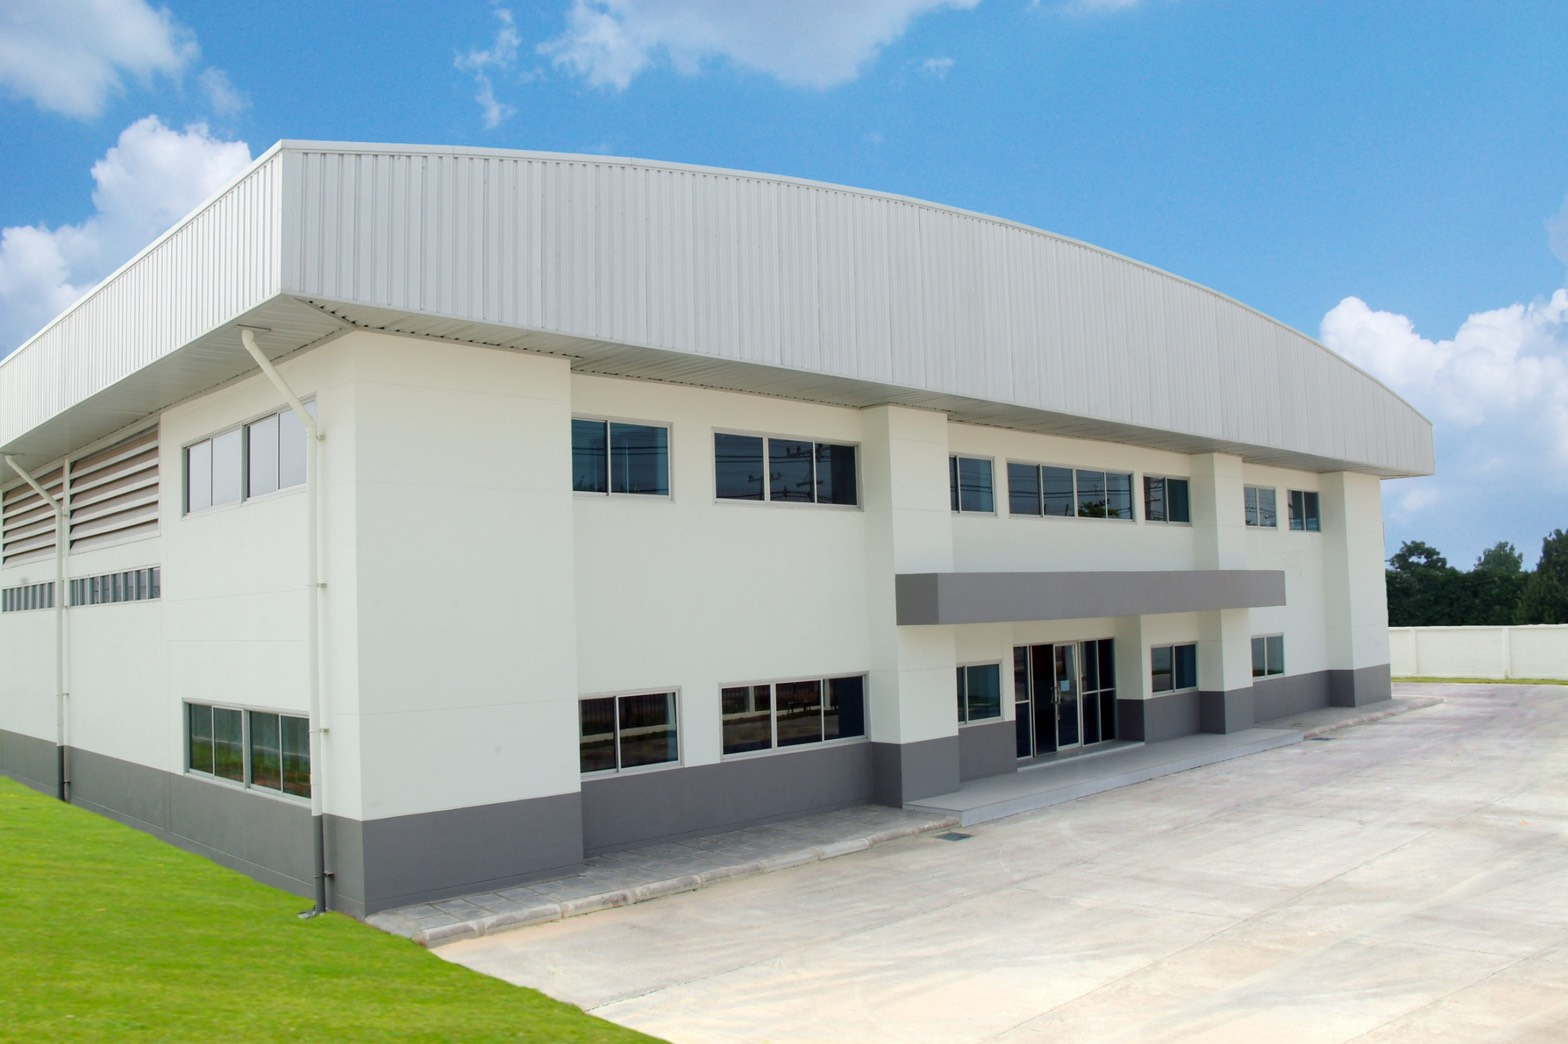 ให้เช่าโรงงาน ในนิคมอุตสาหกรรมชลบุรีซิตี้ จังหวัดชลบุรี